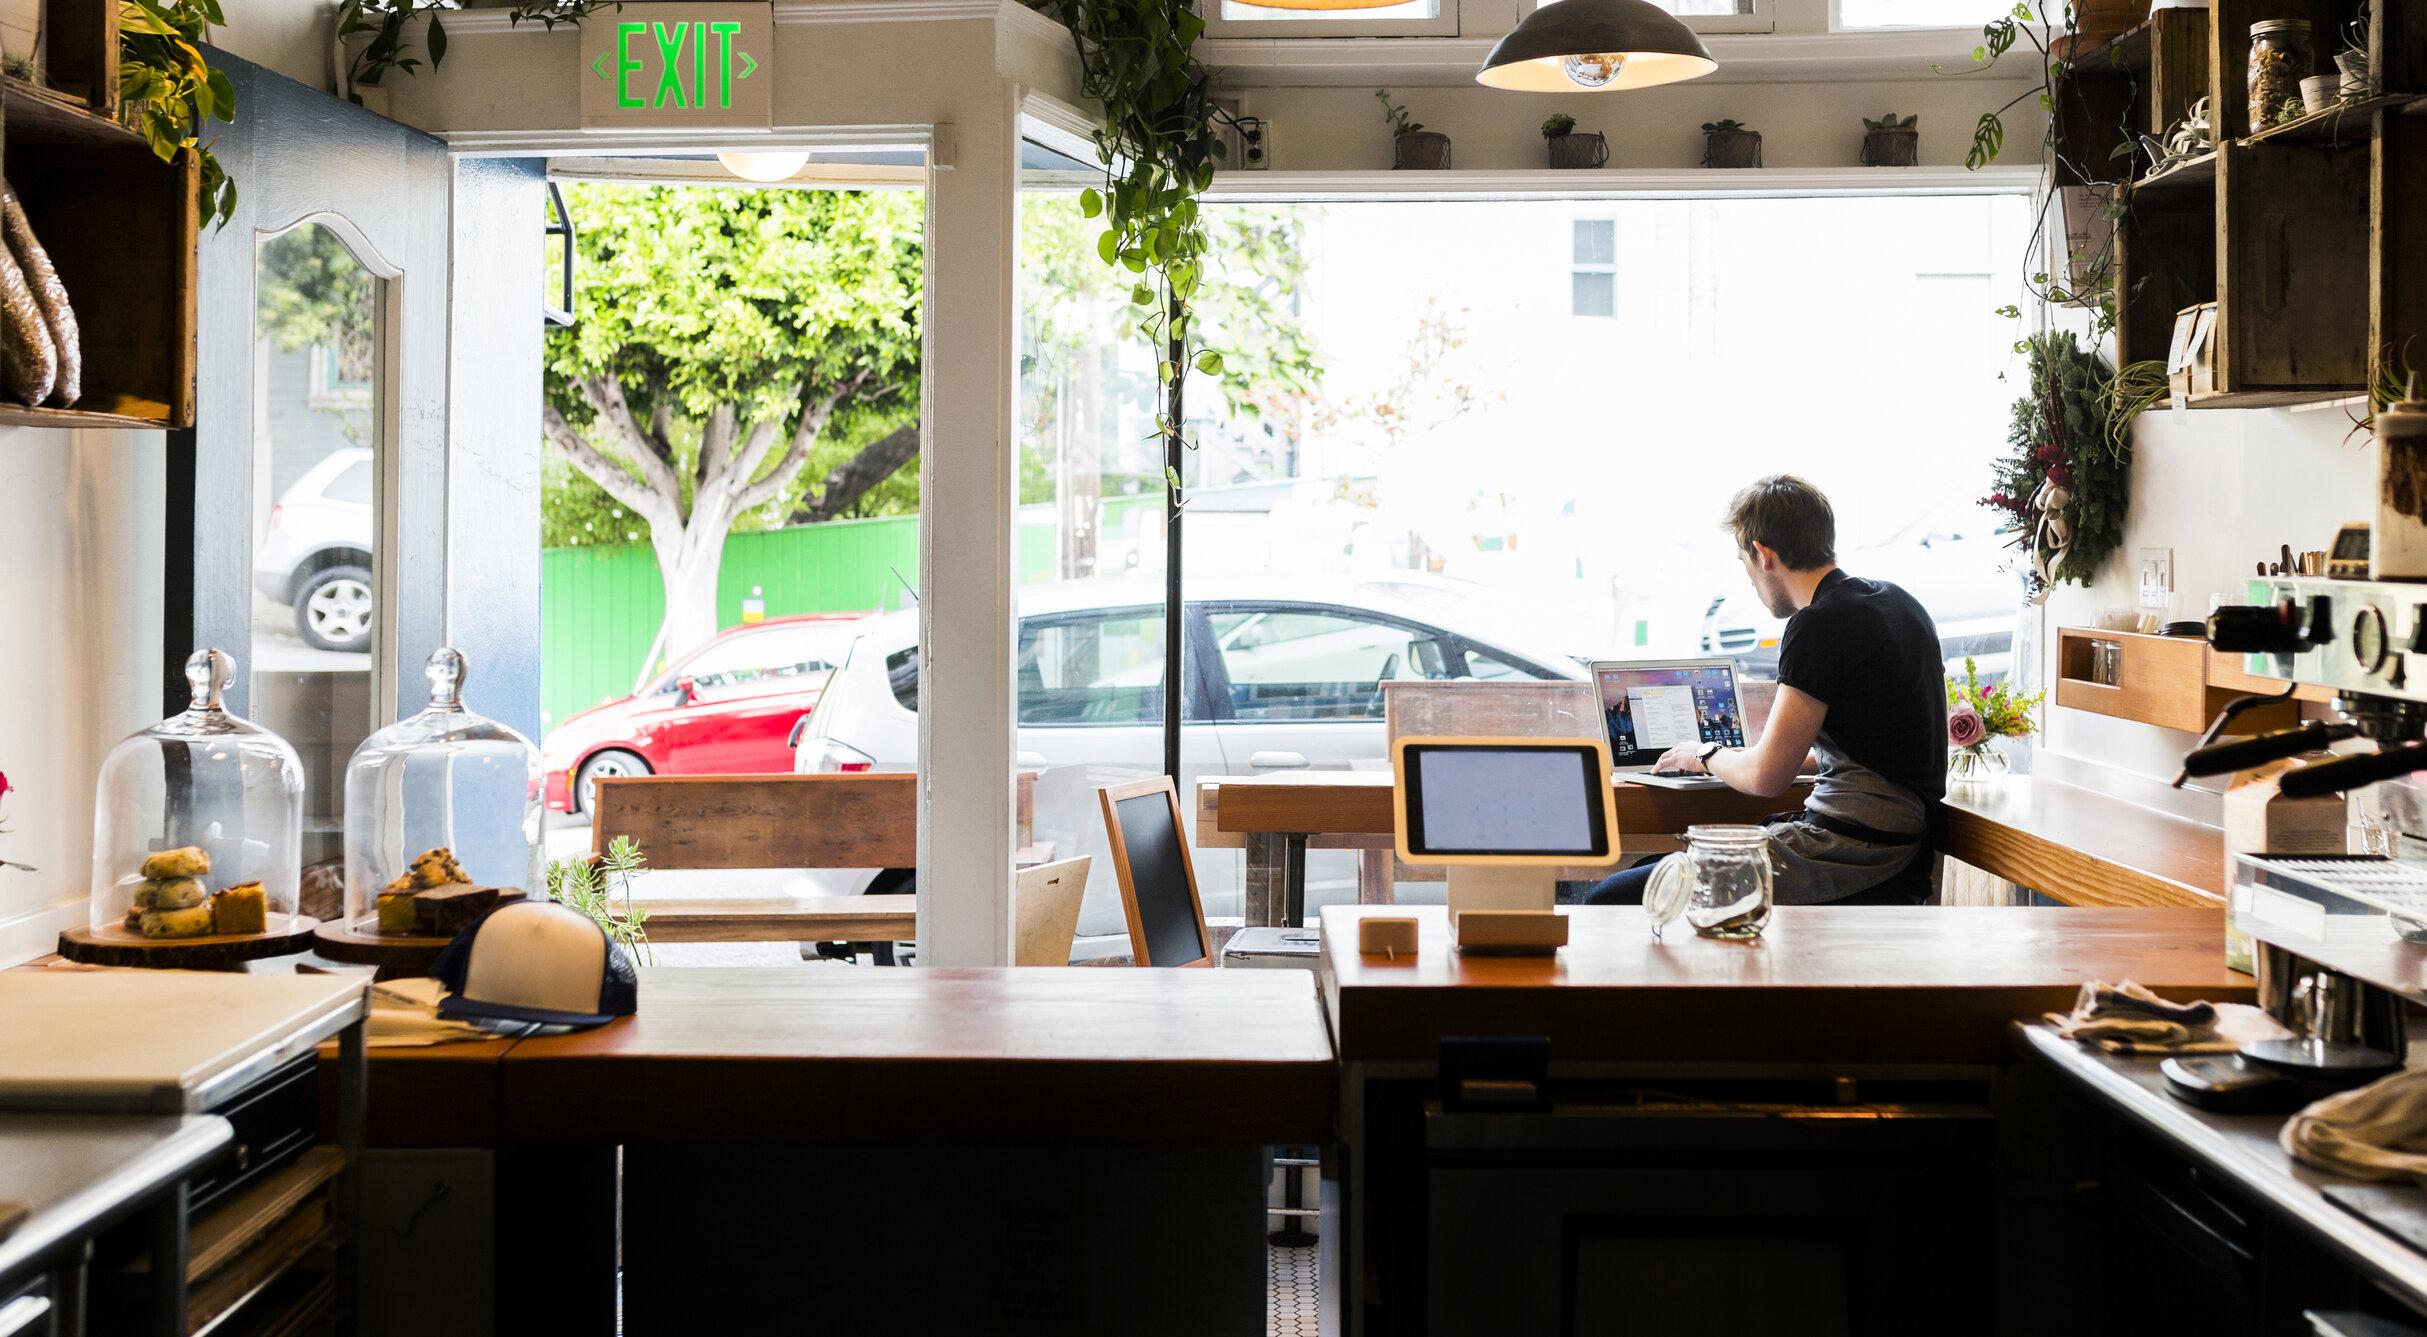 O cafenea din California percepe o taxă de 5 dolari clienților care poartă mască